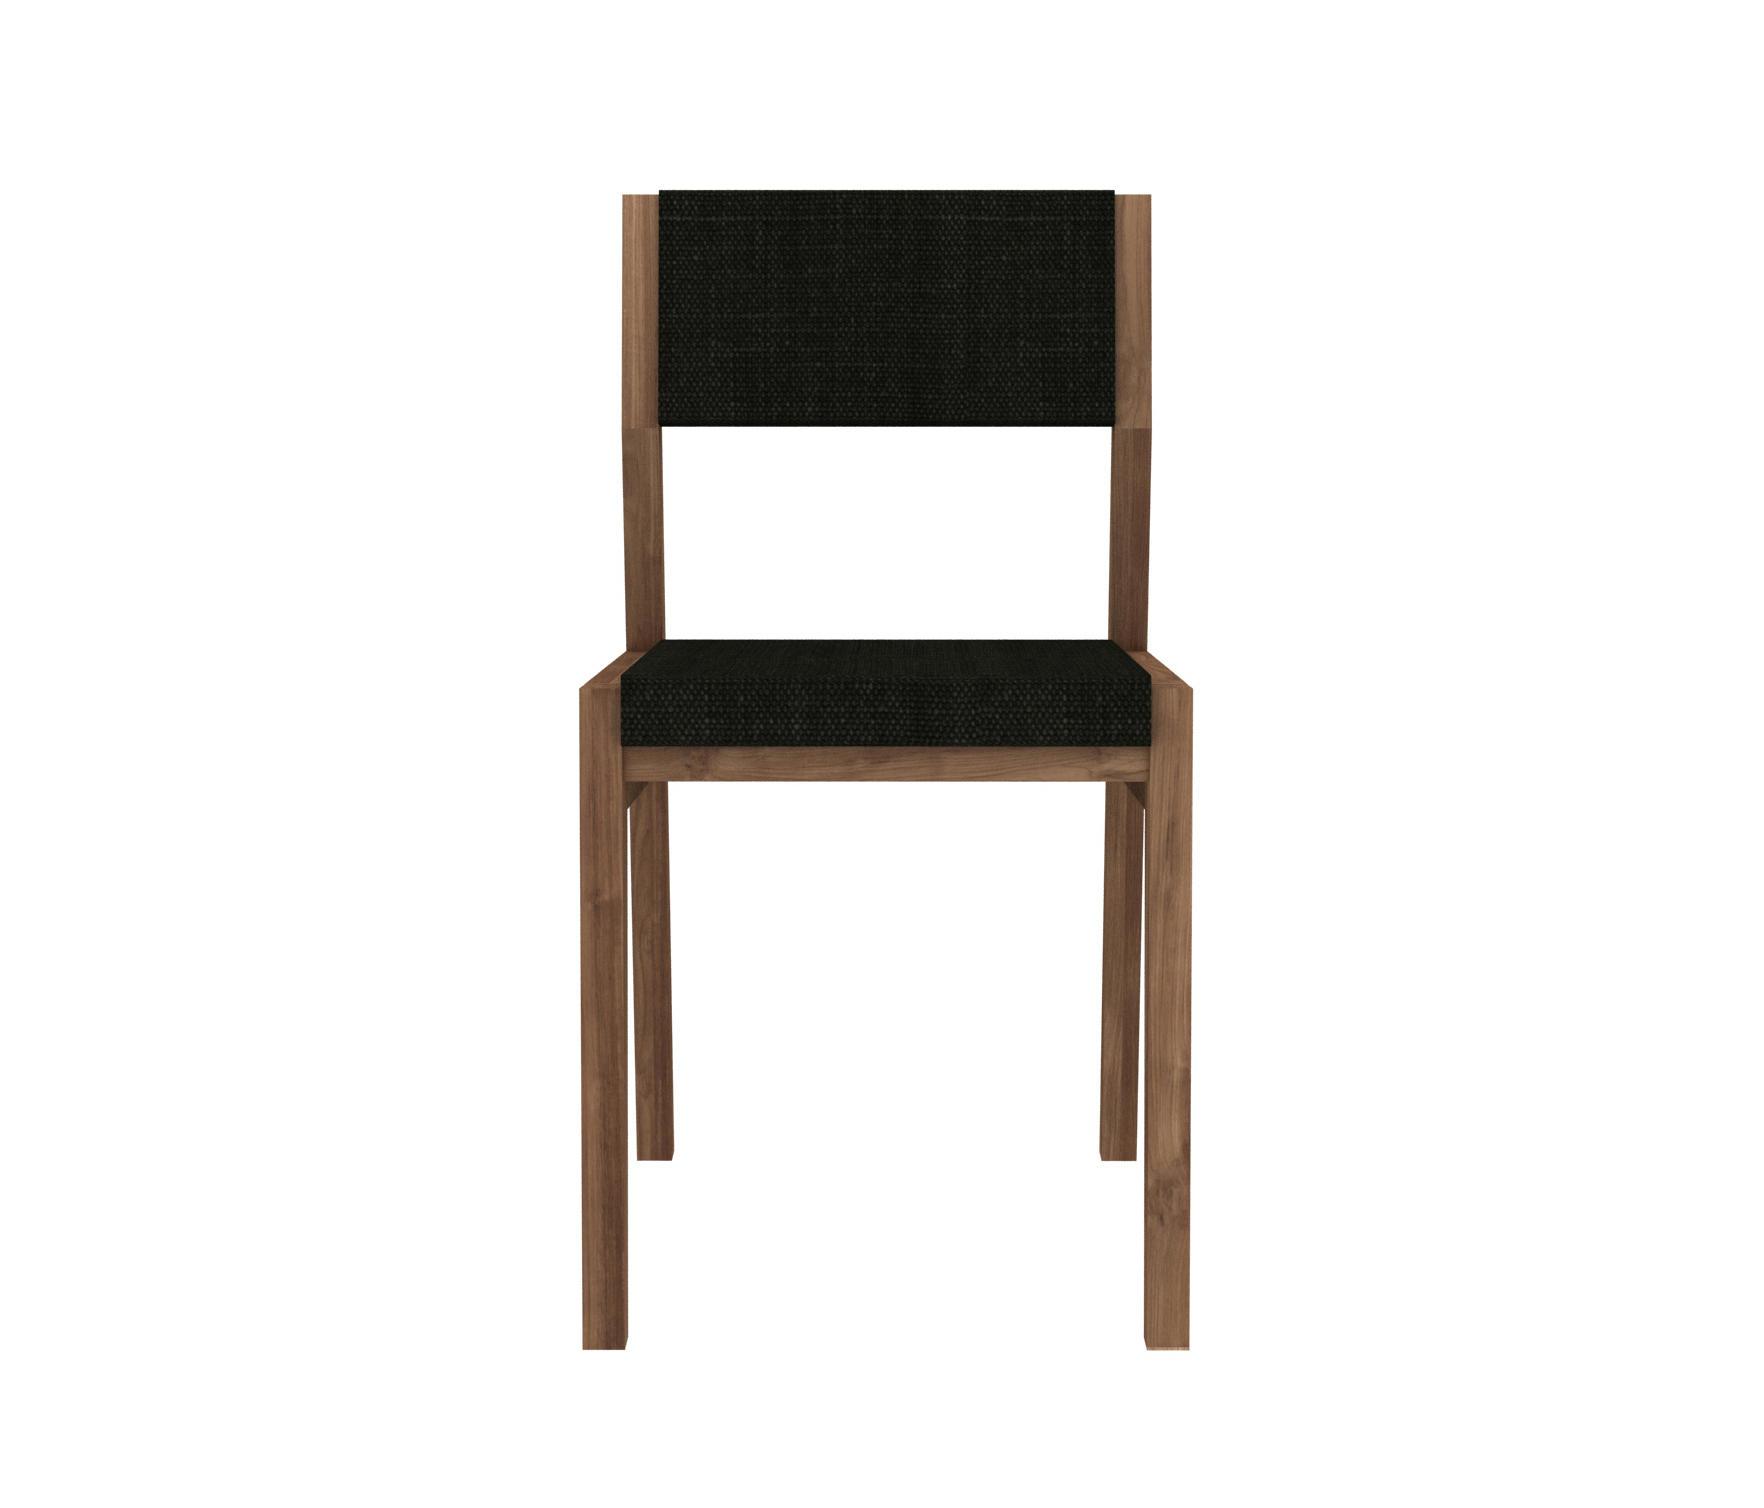 Teak Ex 1 Chair By Ethnicraft Restaurant Chairs